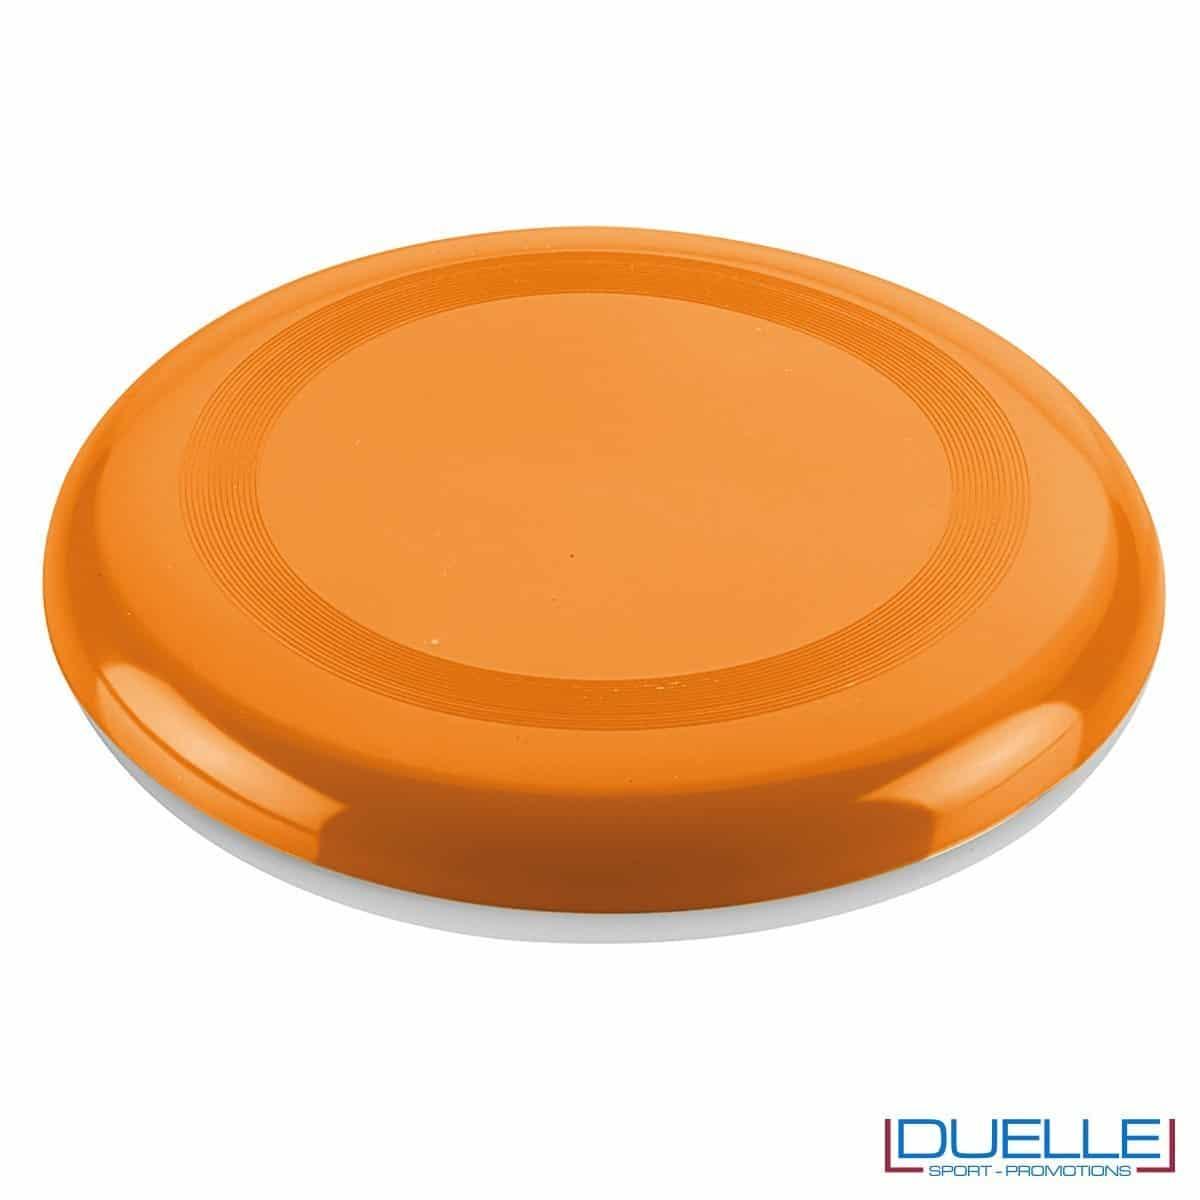 Frisbee personalizzato arancione, gadget mare promozionali, gadget spiaggia personalizzati